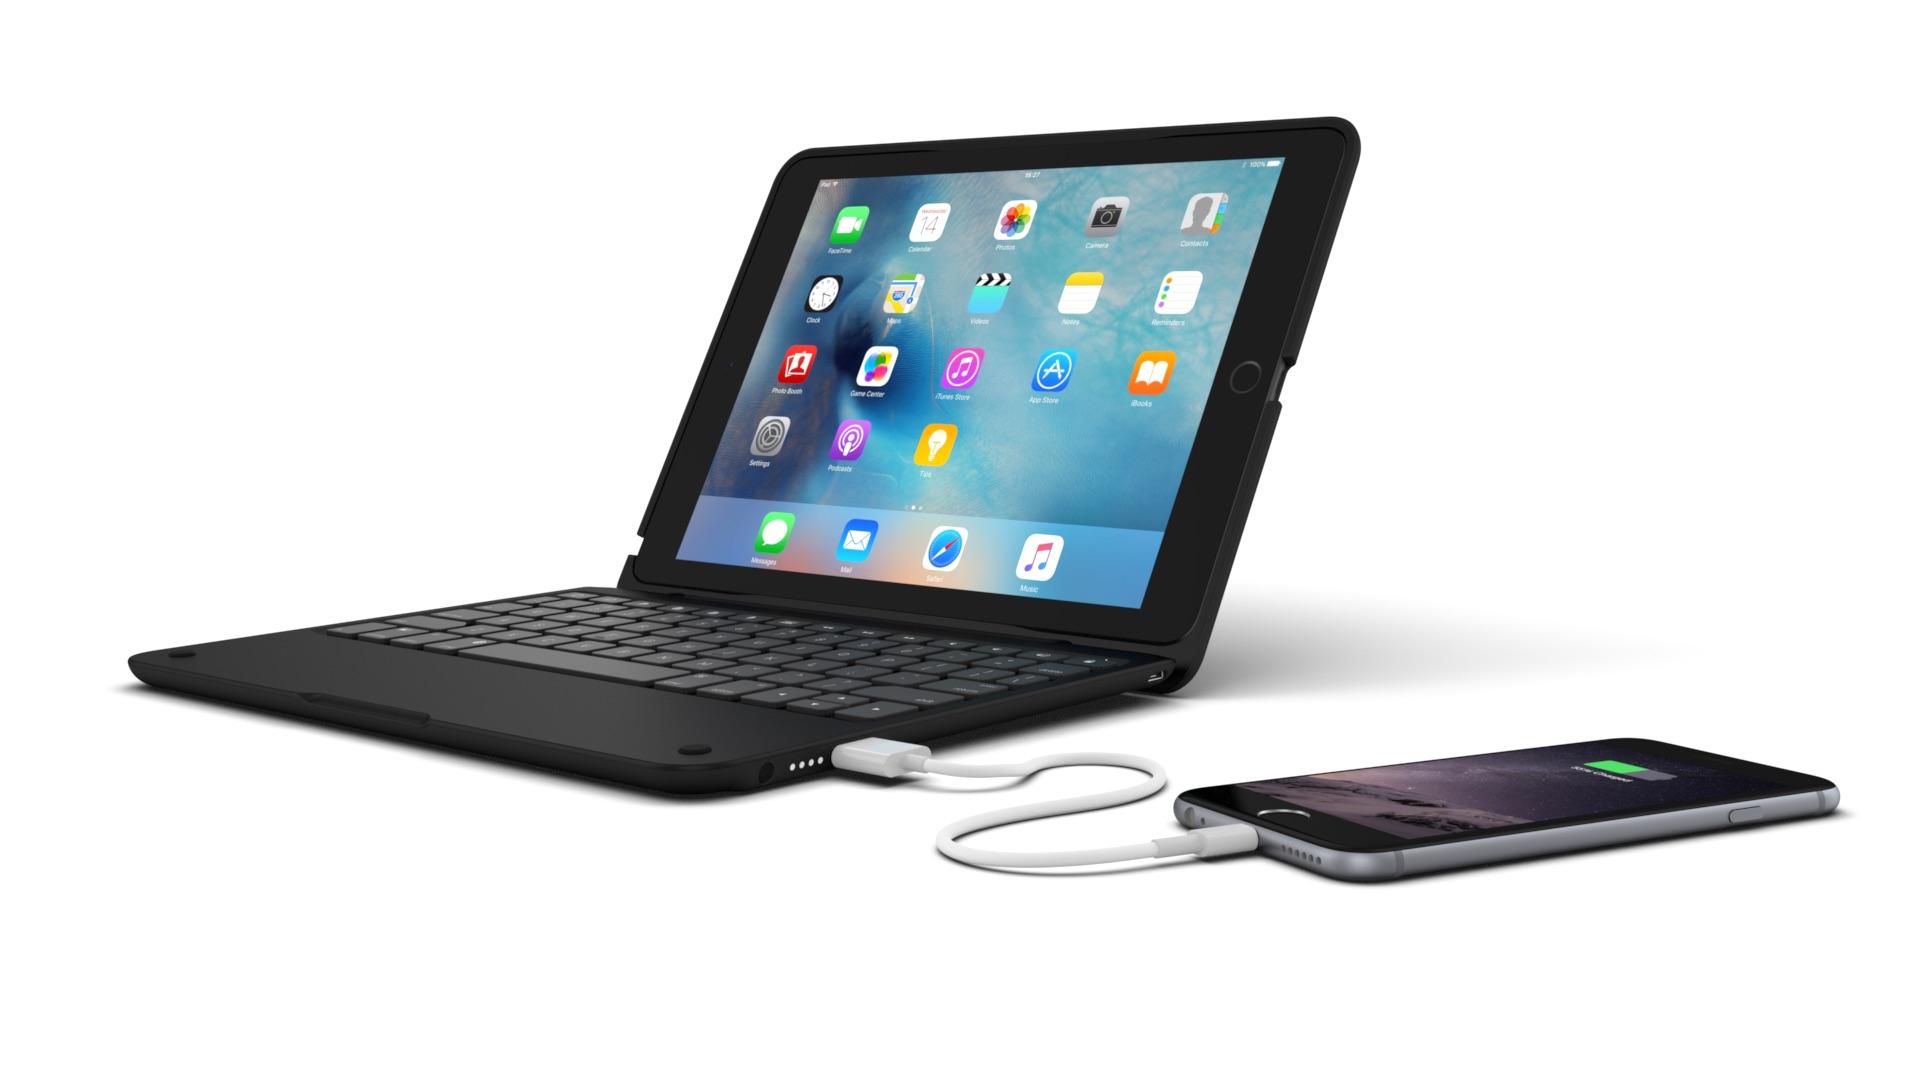 incipio lance de nouveaux claviers pour transformer l 39 ipad en macbook clavier r tro clair. Black Bedroom Furniture Sets. Home Design Ideas